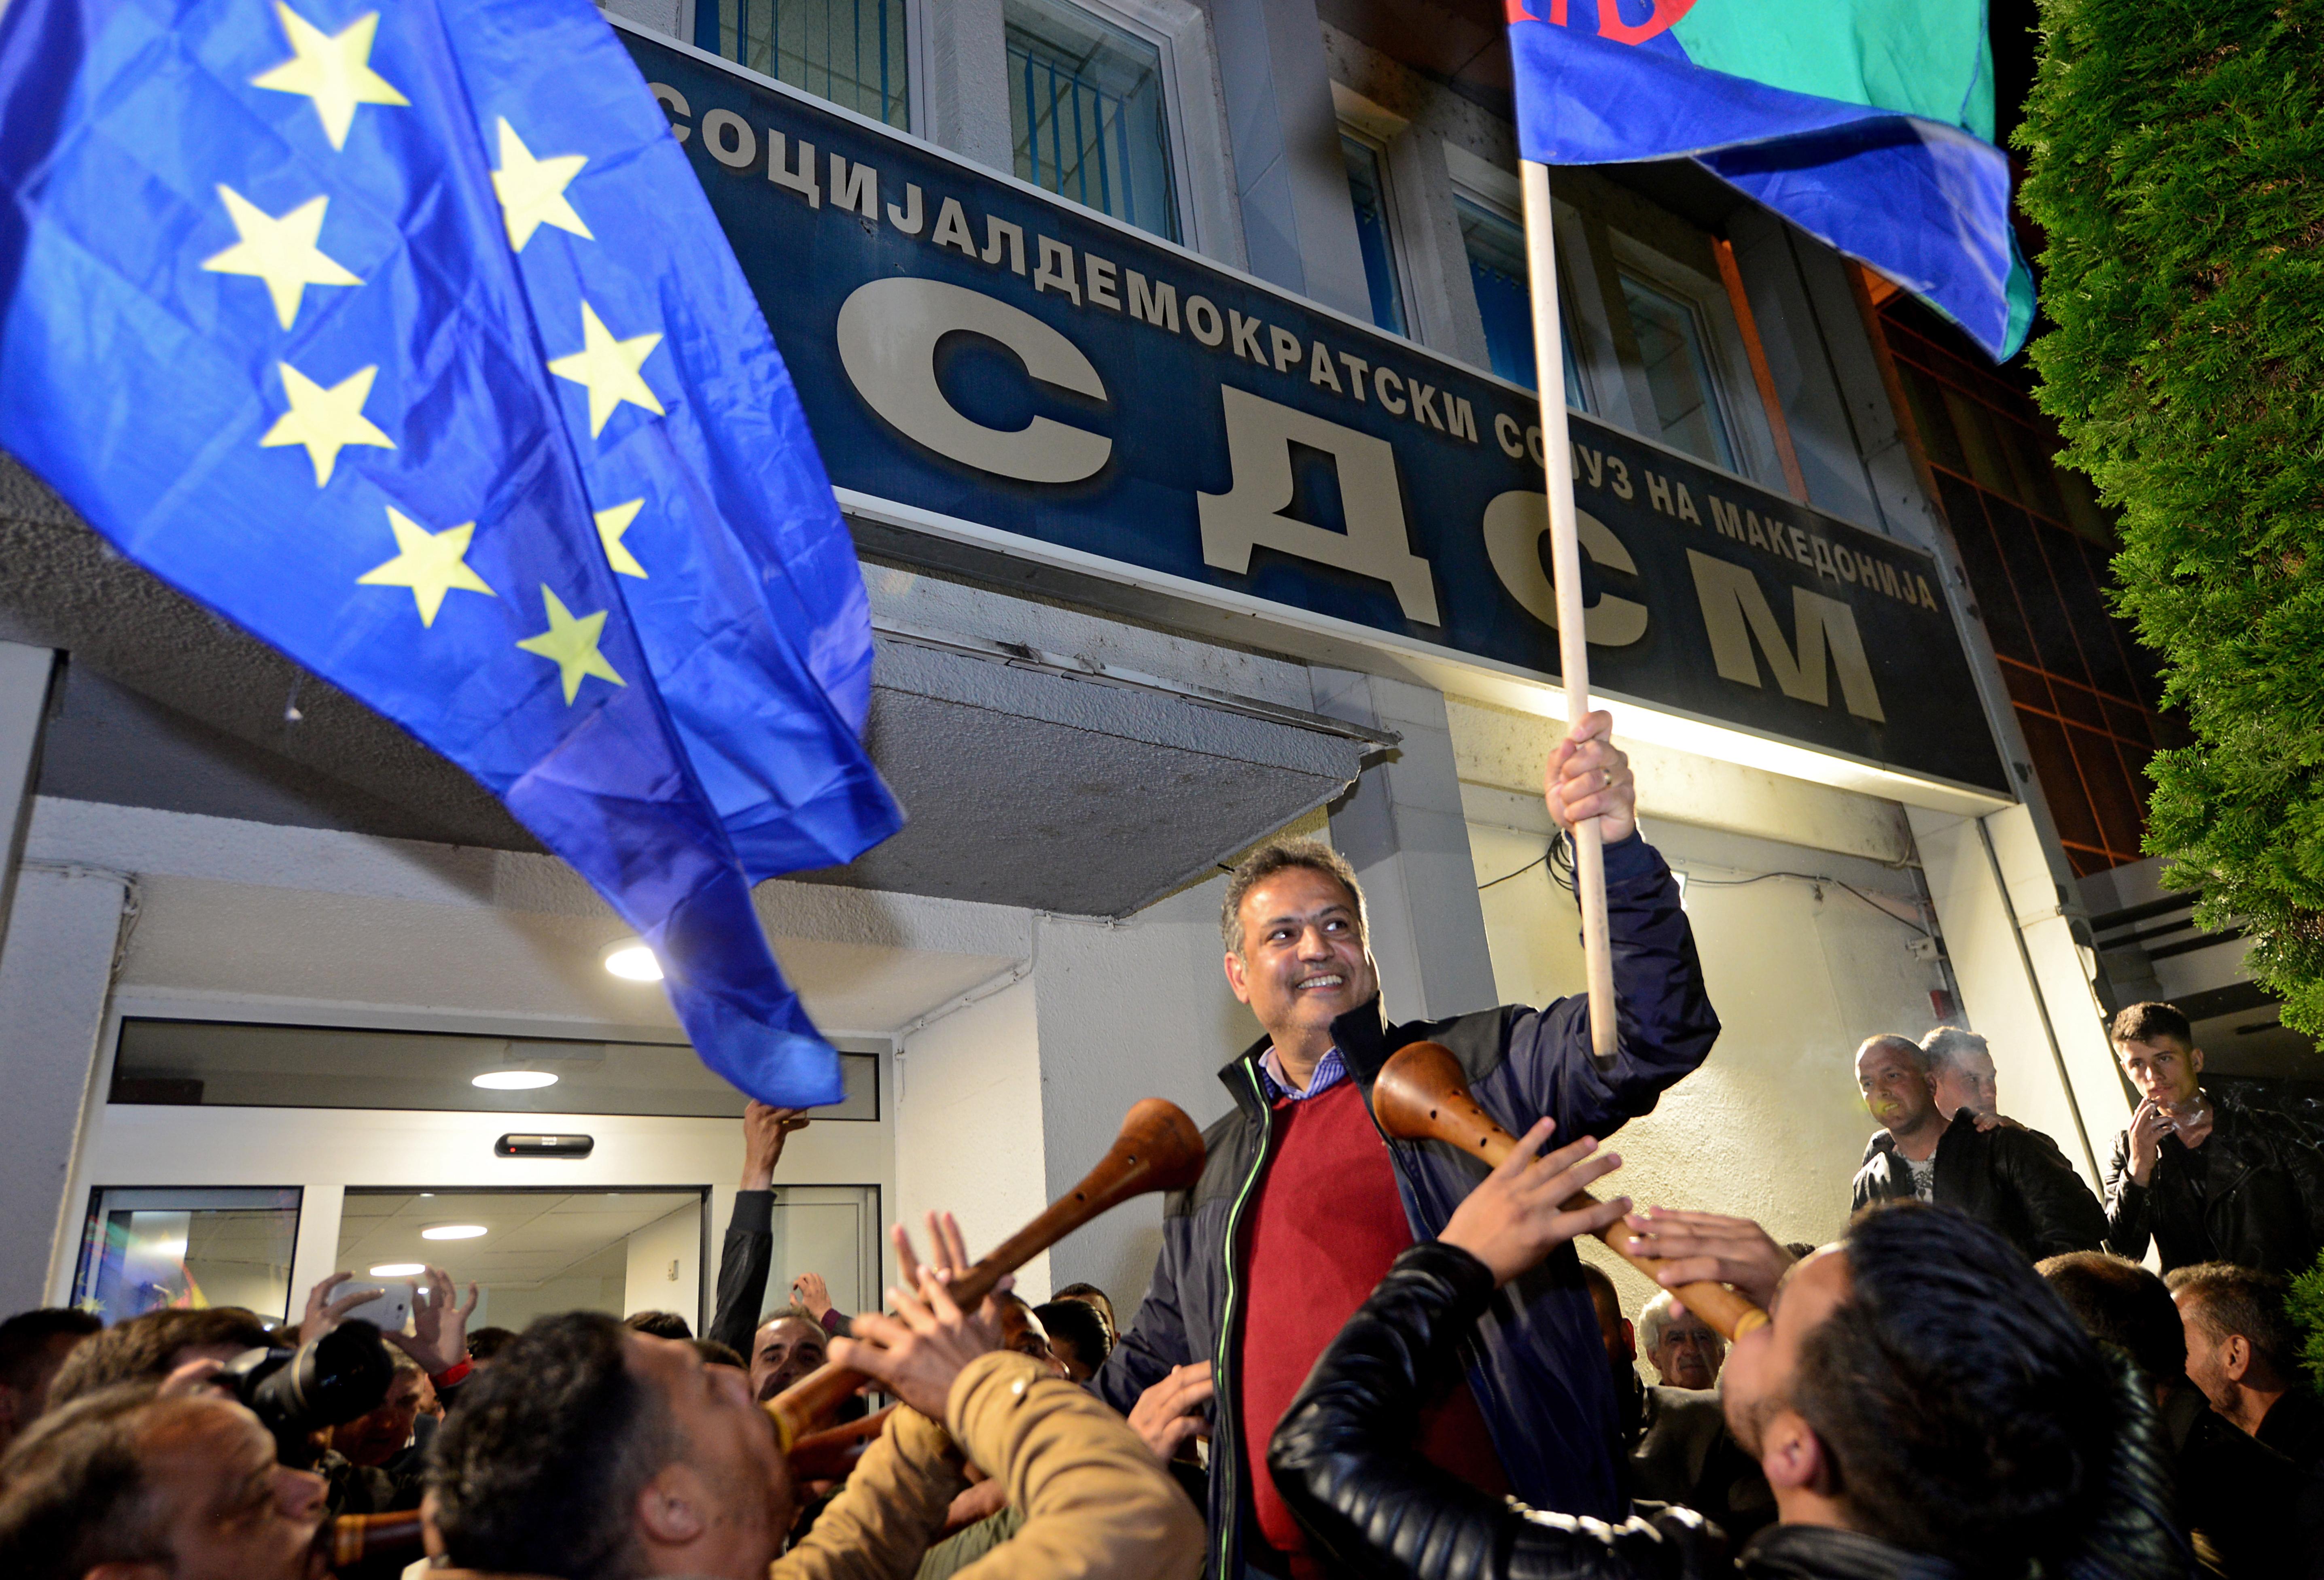 v-makedonia-to-profil-kai-i-atzenta-toy-neoy-proedroy-stevo-pentarofski3